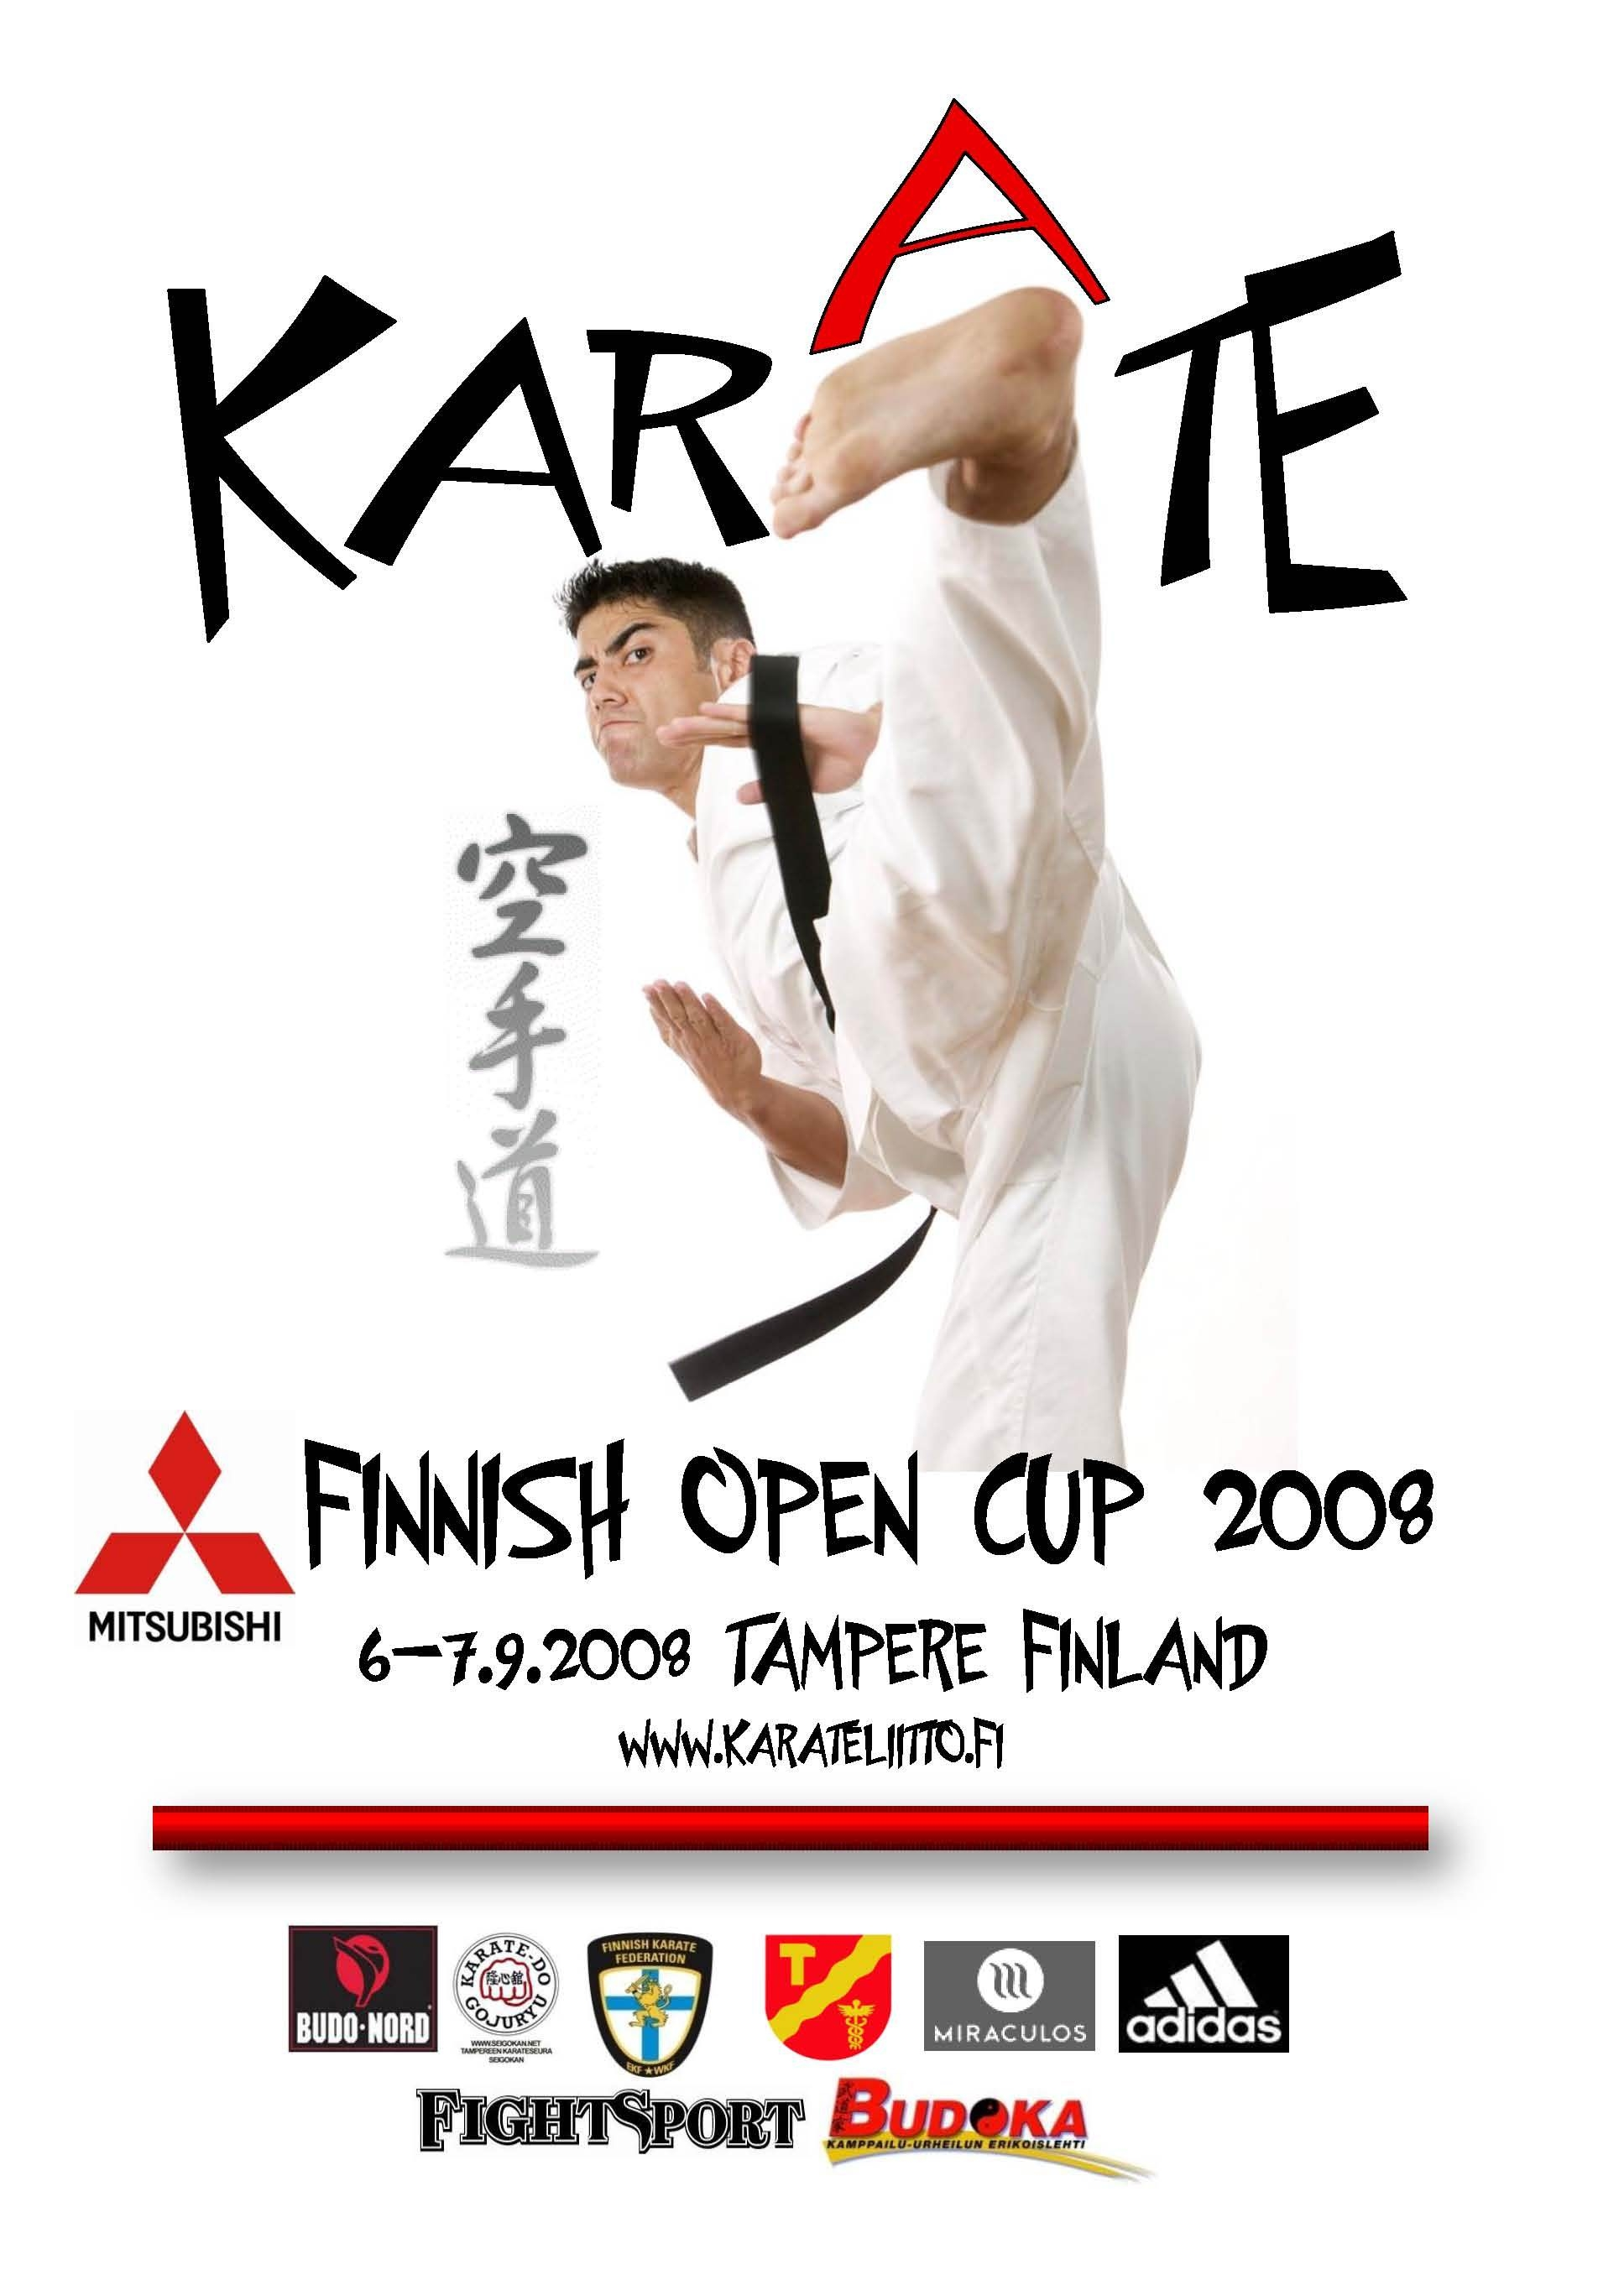 budo nord karate